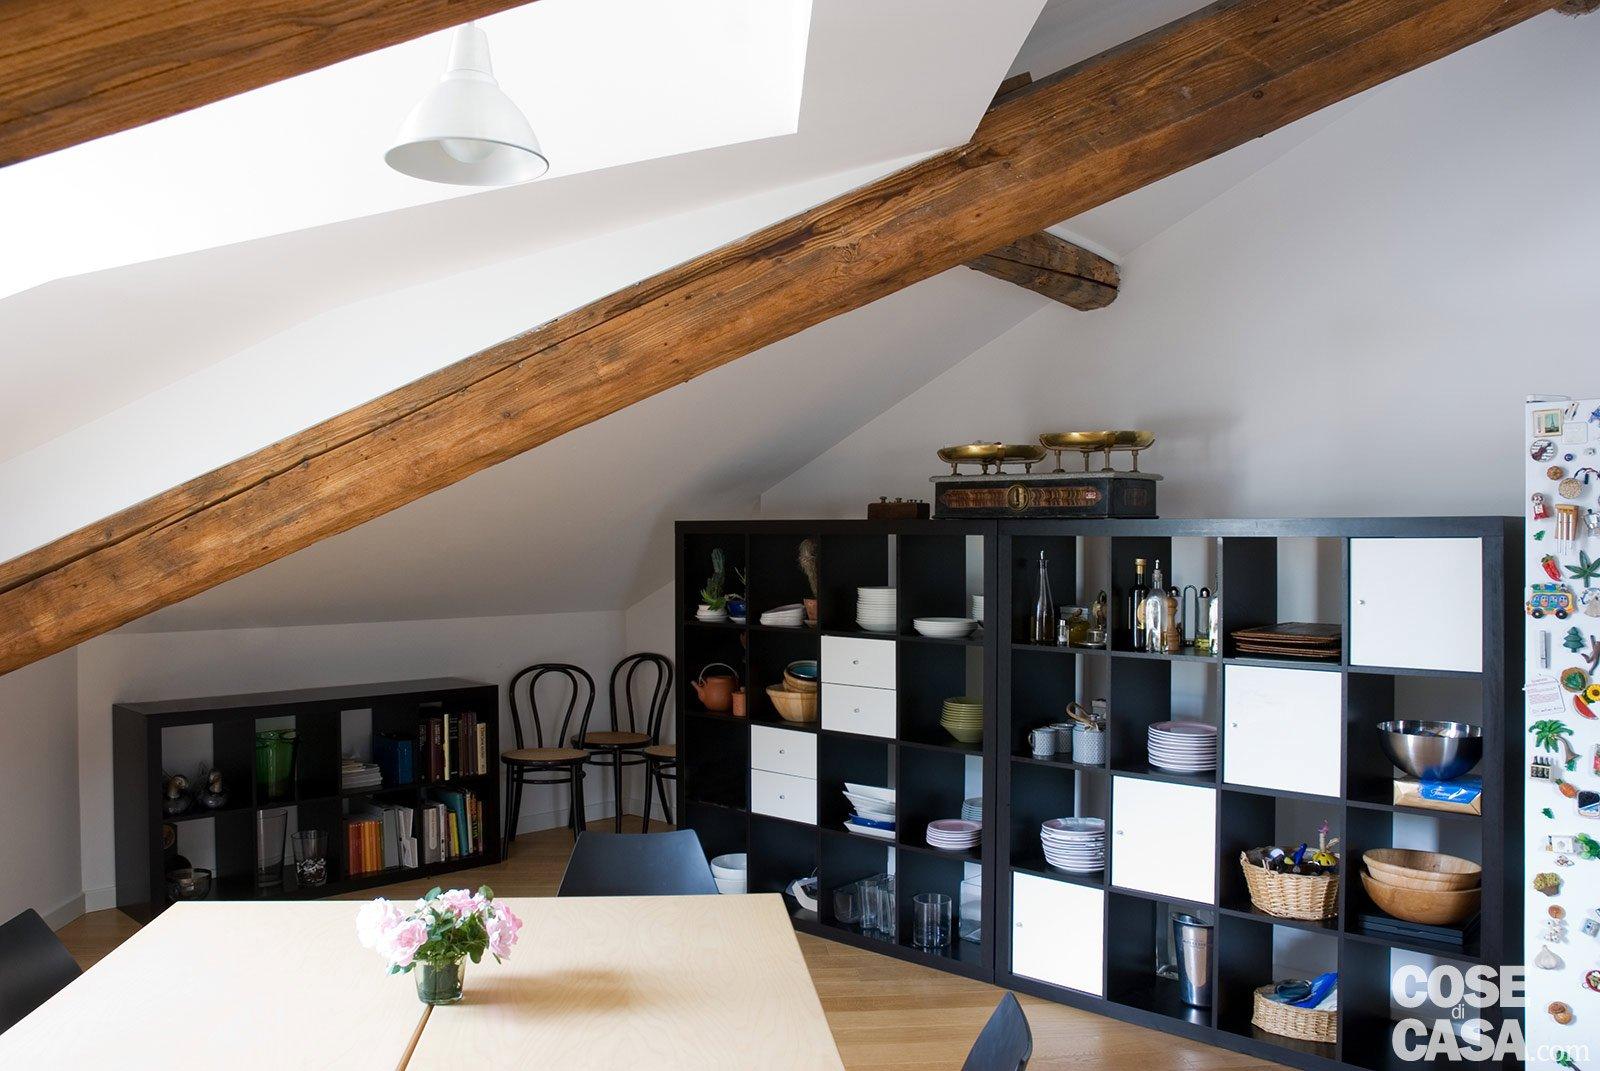 Casabook Immobiliare: Sottotetto: Una Casa Con Travi A Vista #6F4626 1600 1071 Arredare Una Cucina A Vista